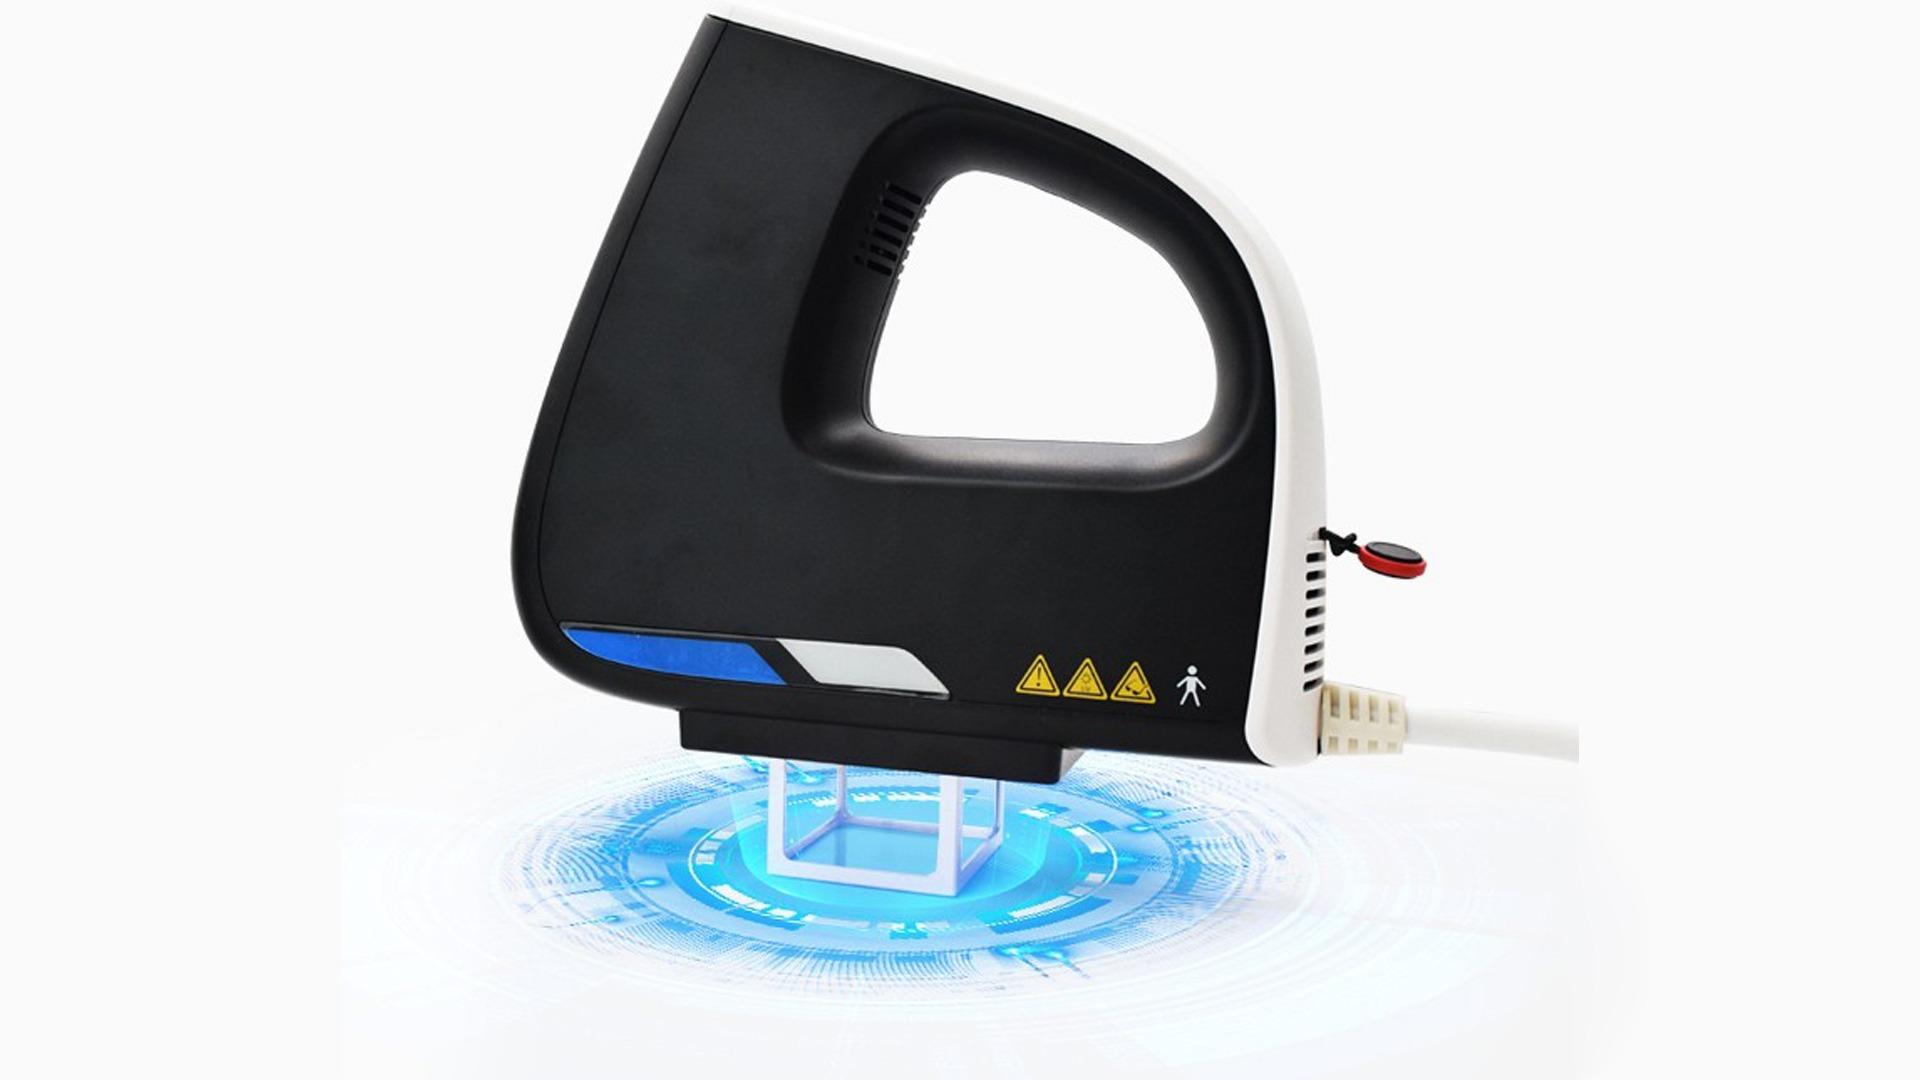 Cường độ chiếu xa máy điều trị vảy nến Excimer Laser 308nm